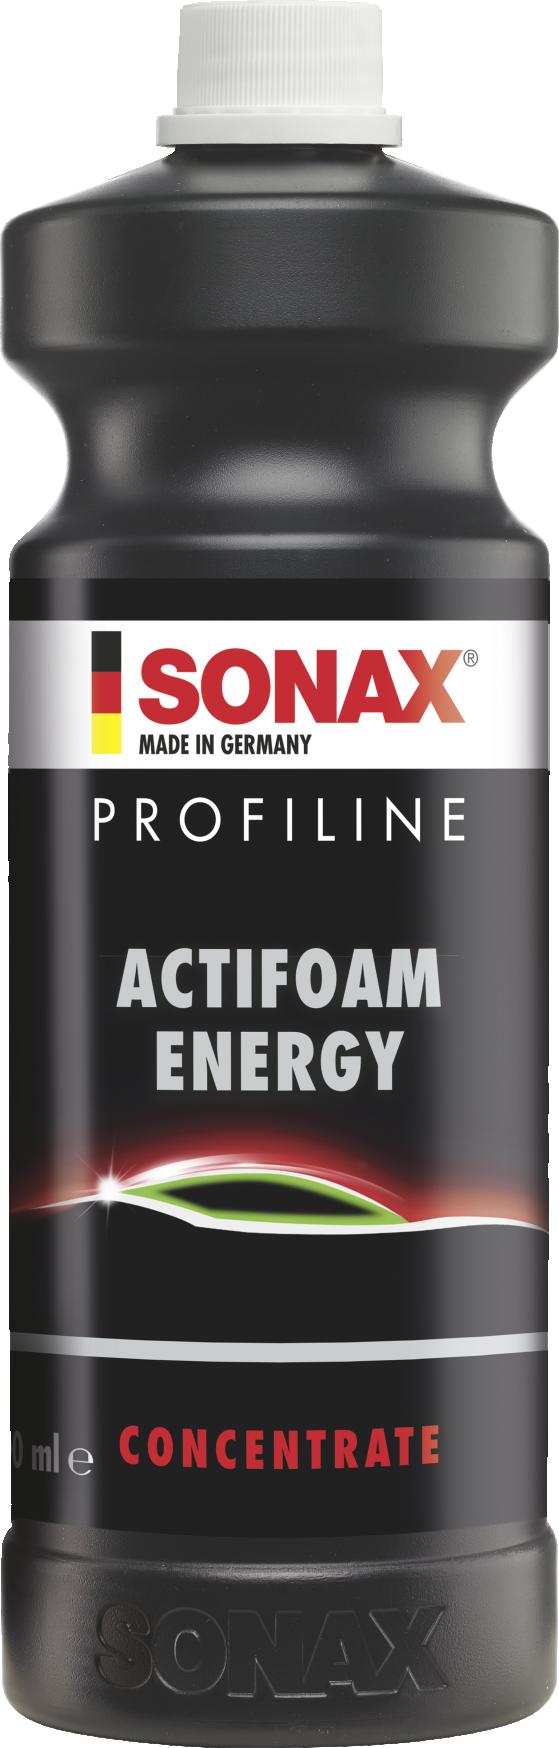 SONAX Actifoam Energy 1 l